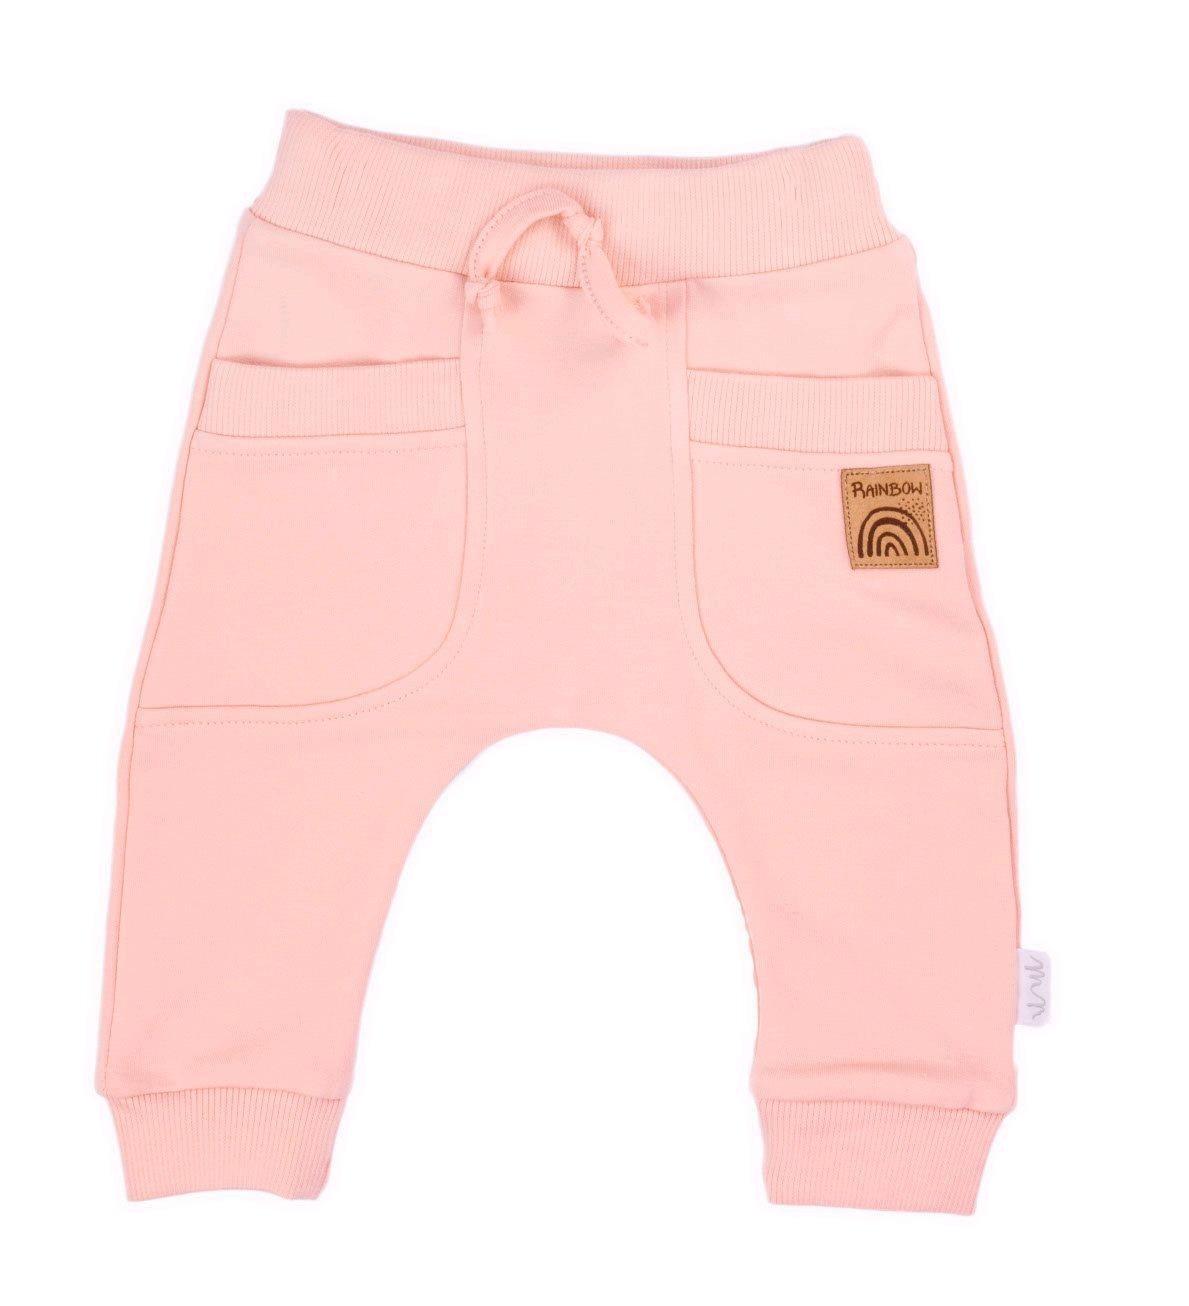 Kojenecké tepláčky Nicol Rainbow růžové, Velikost: 80 (9-12m)